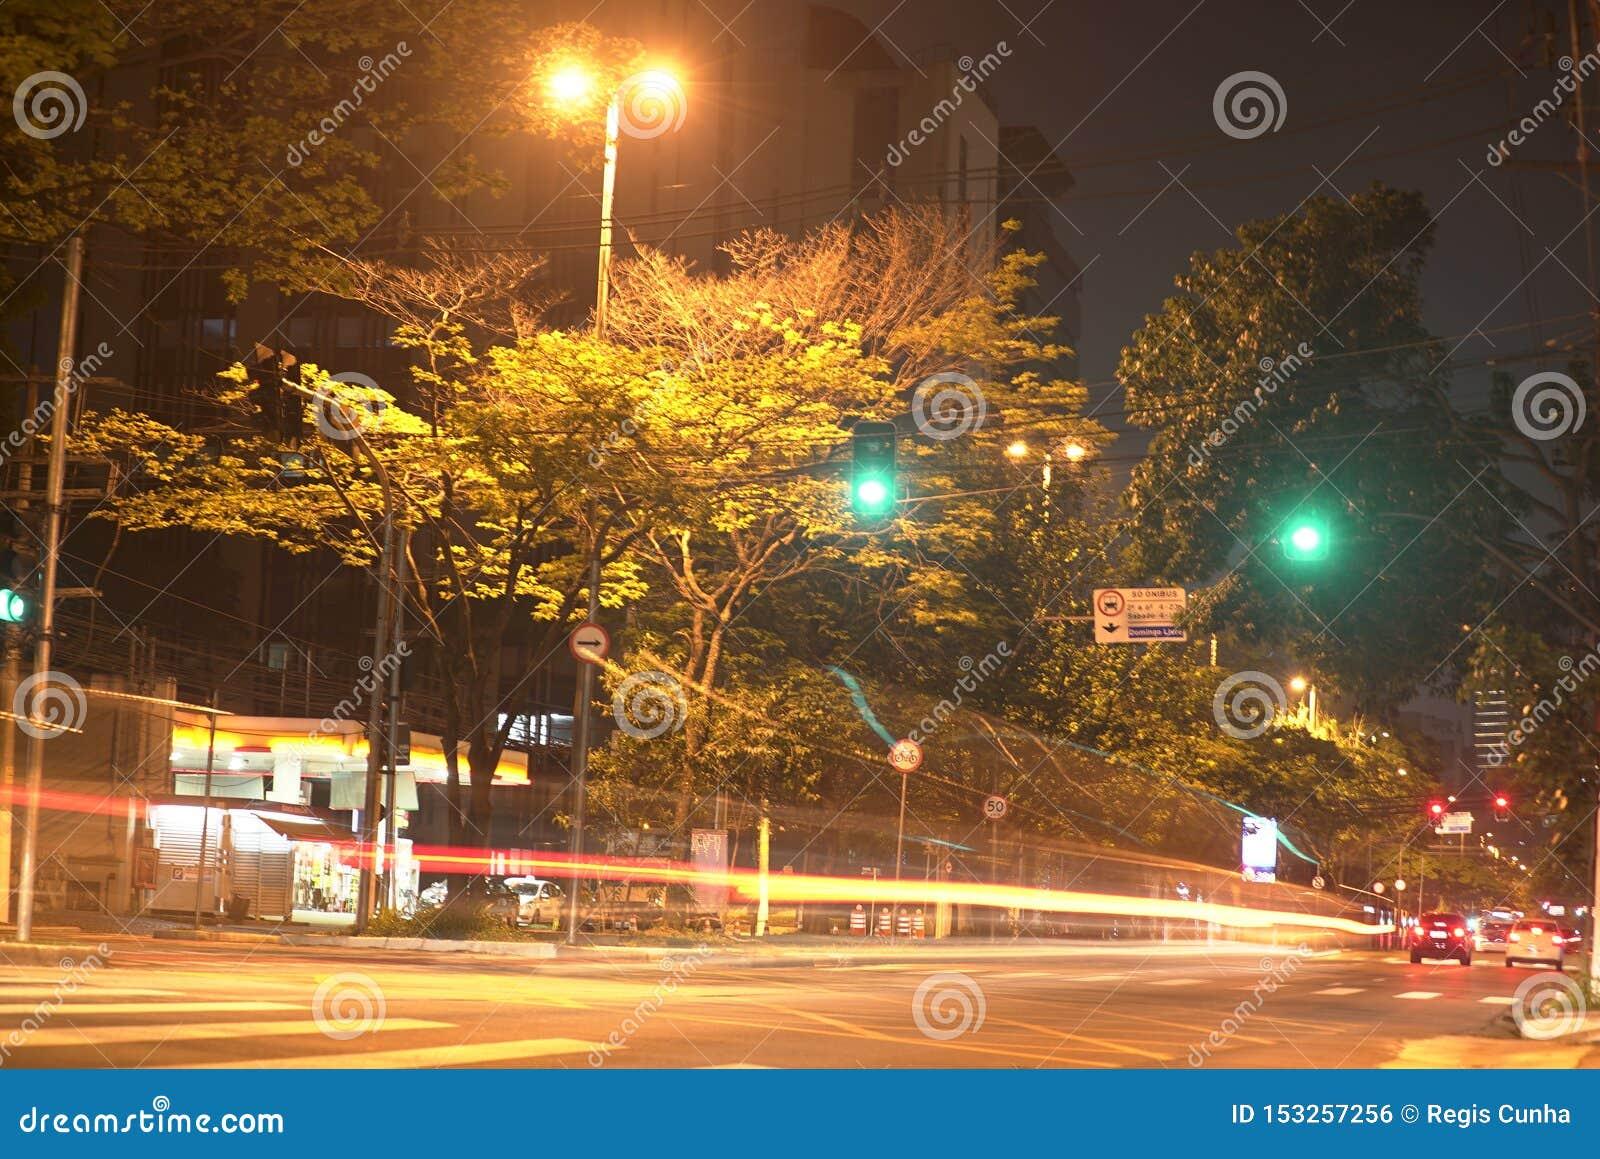 Timelapse nel nigth, nel bello paesaggio urbano con automobili, in motociclette e nel traffico sulla strada